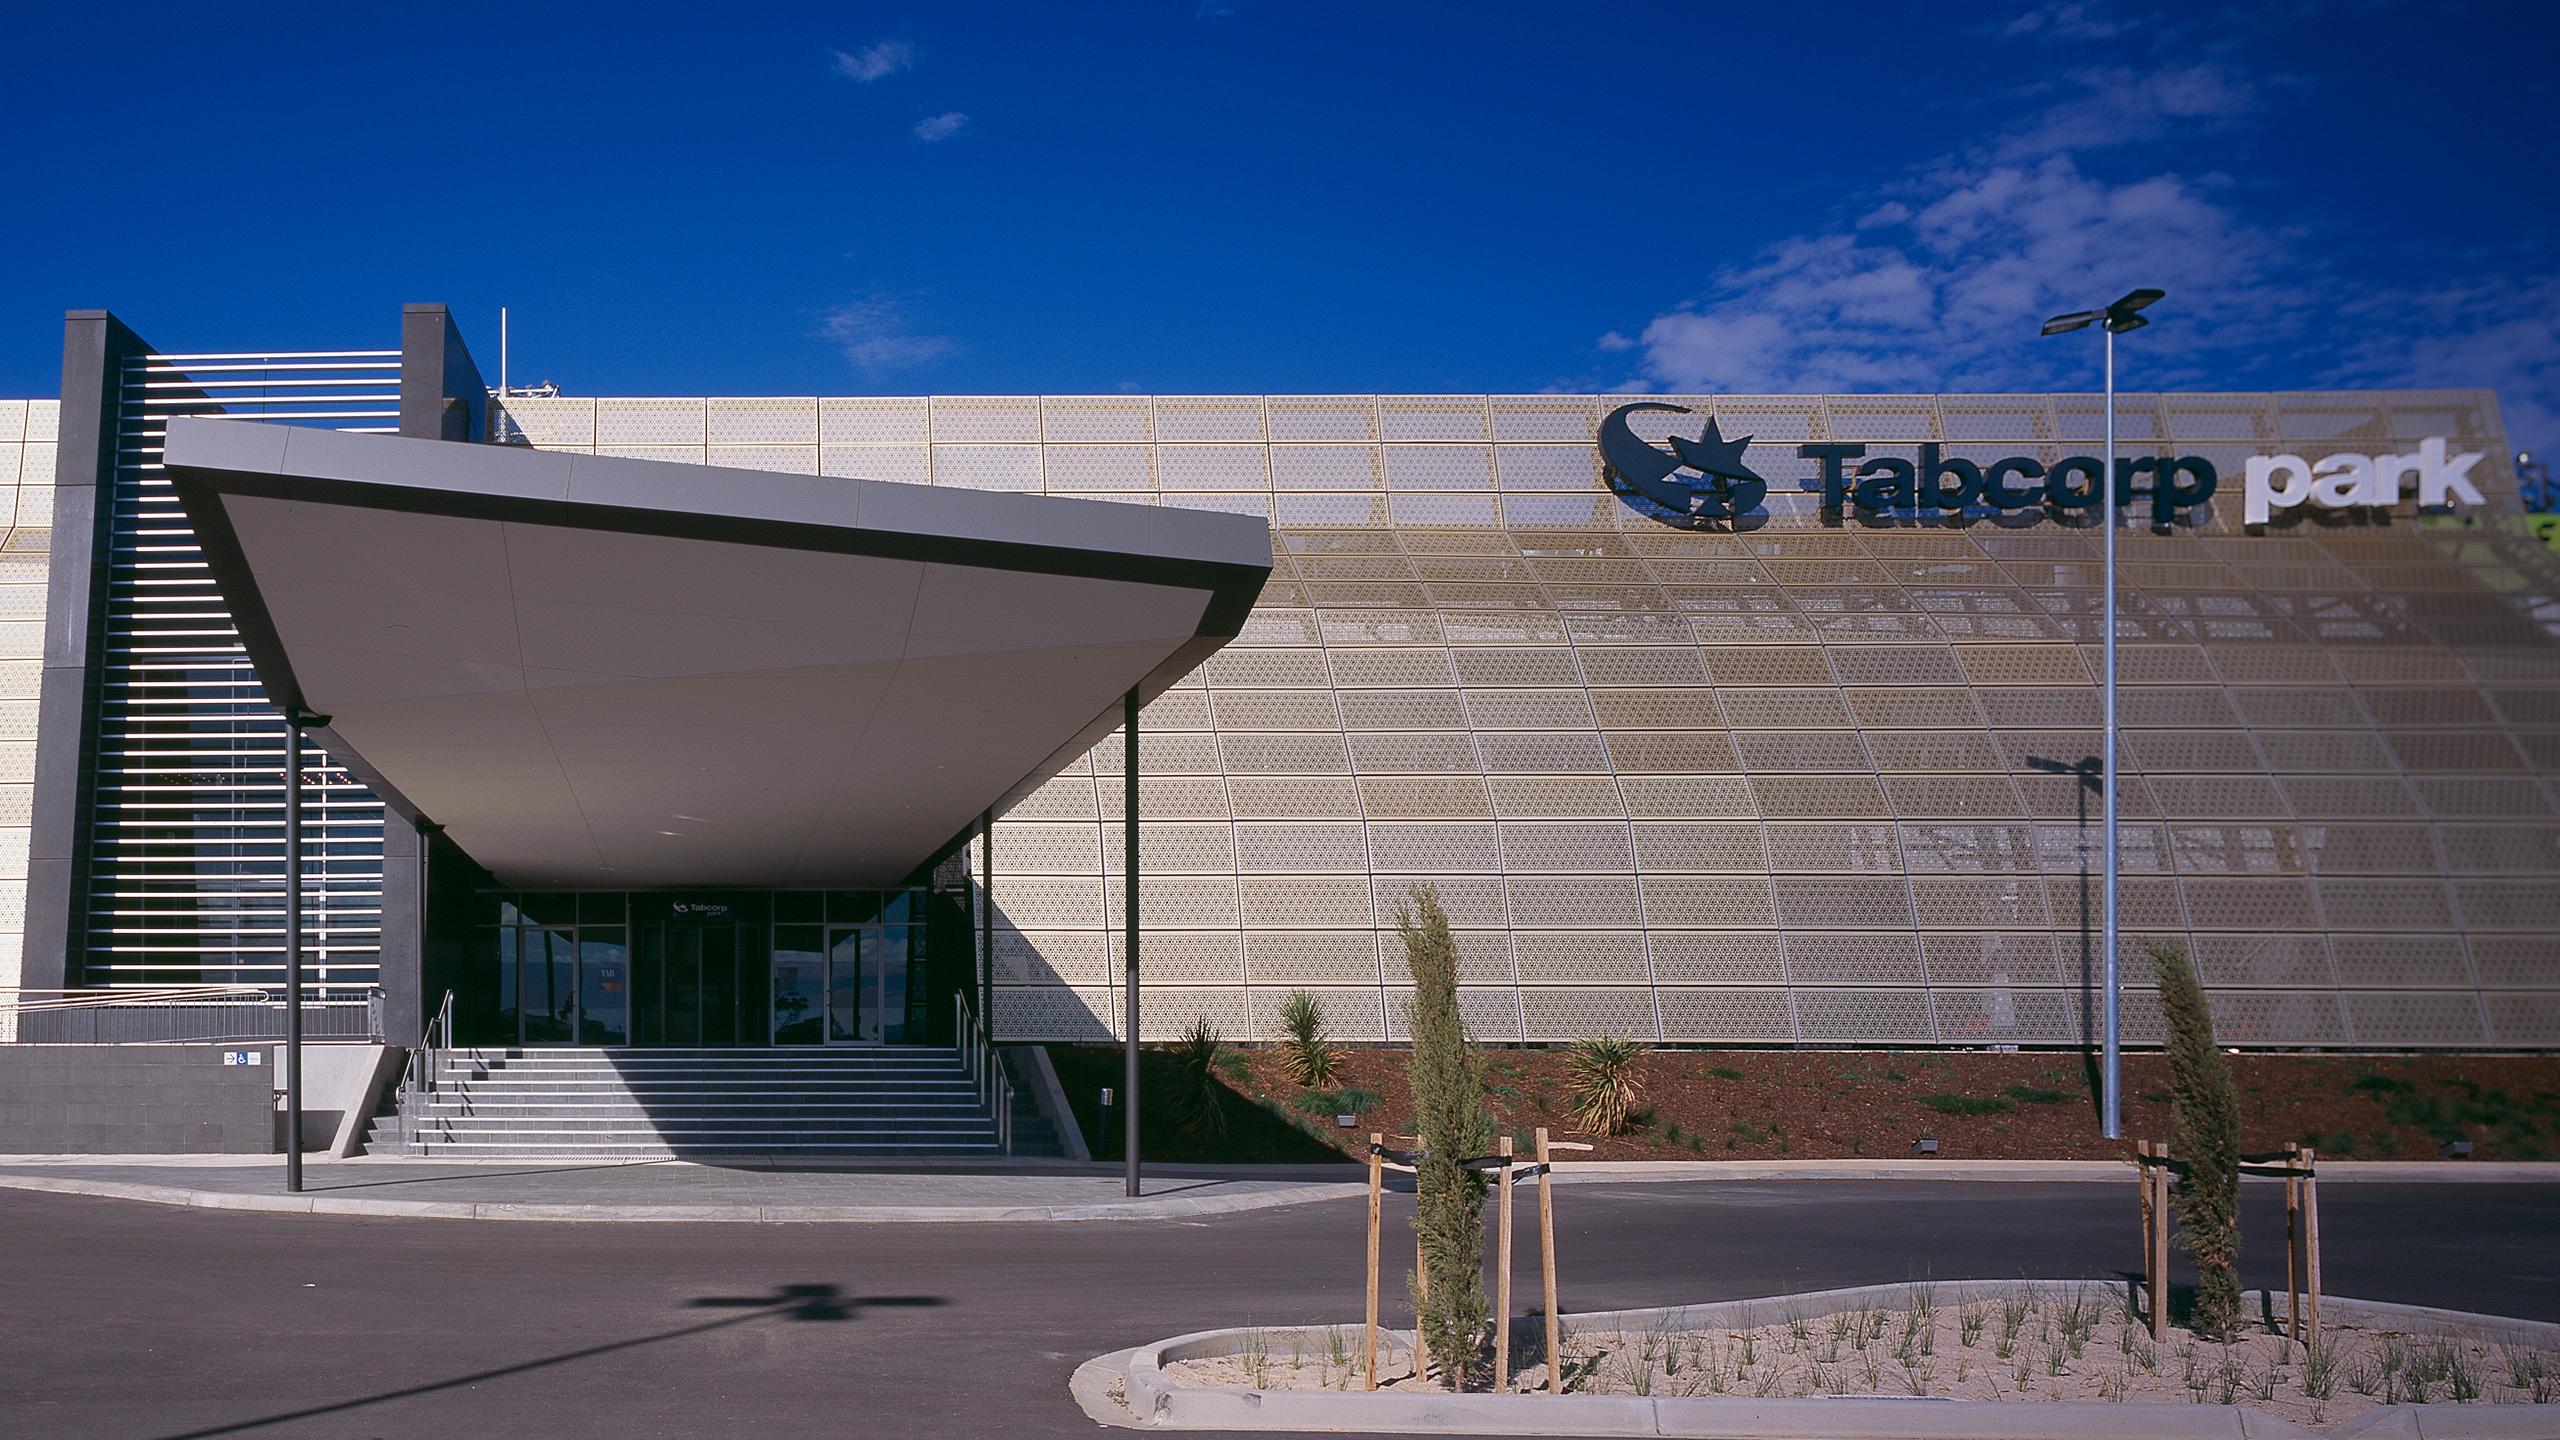 tabcorp_1